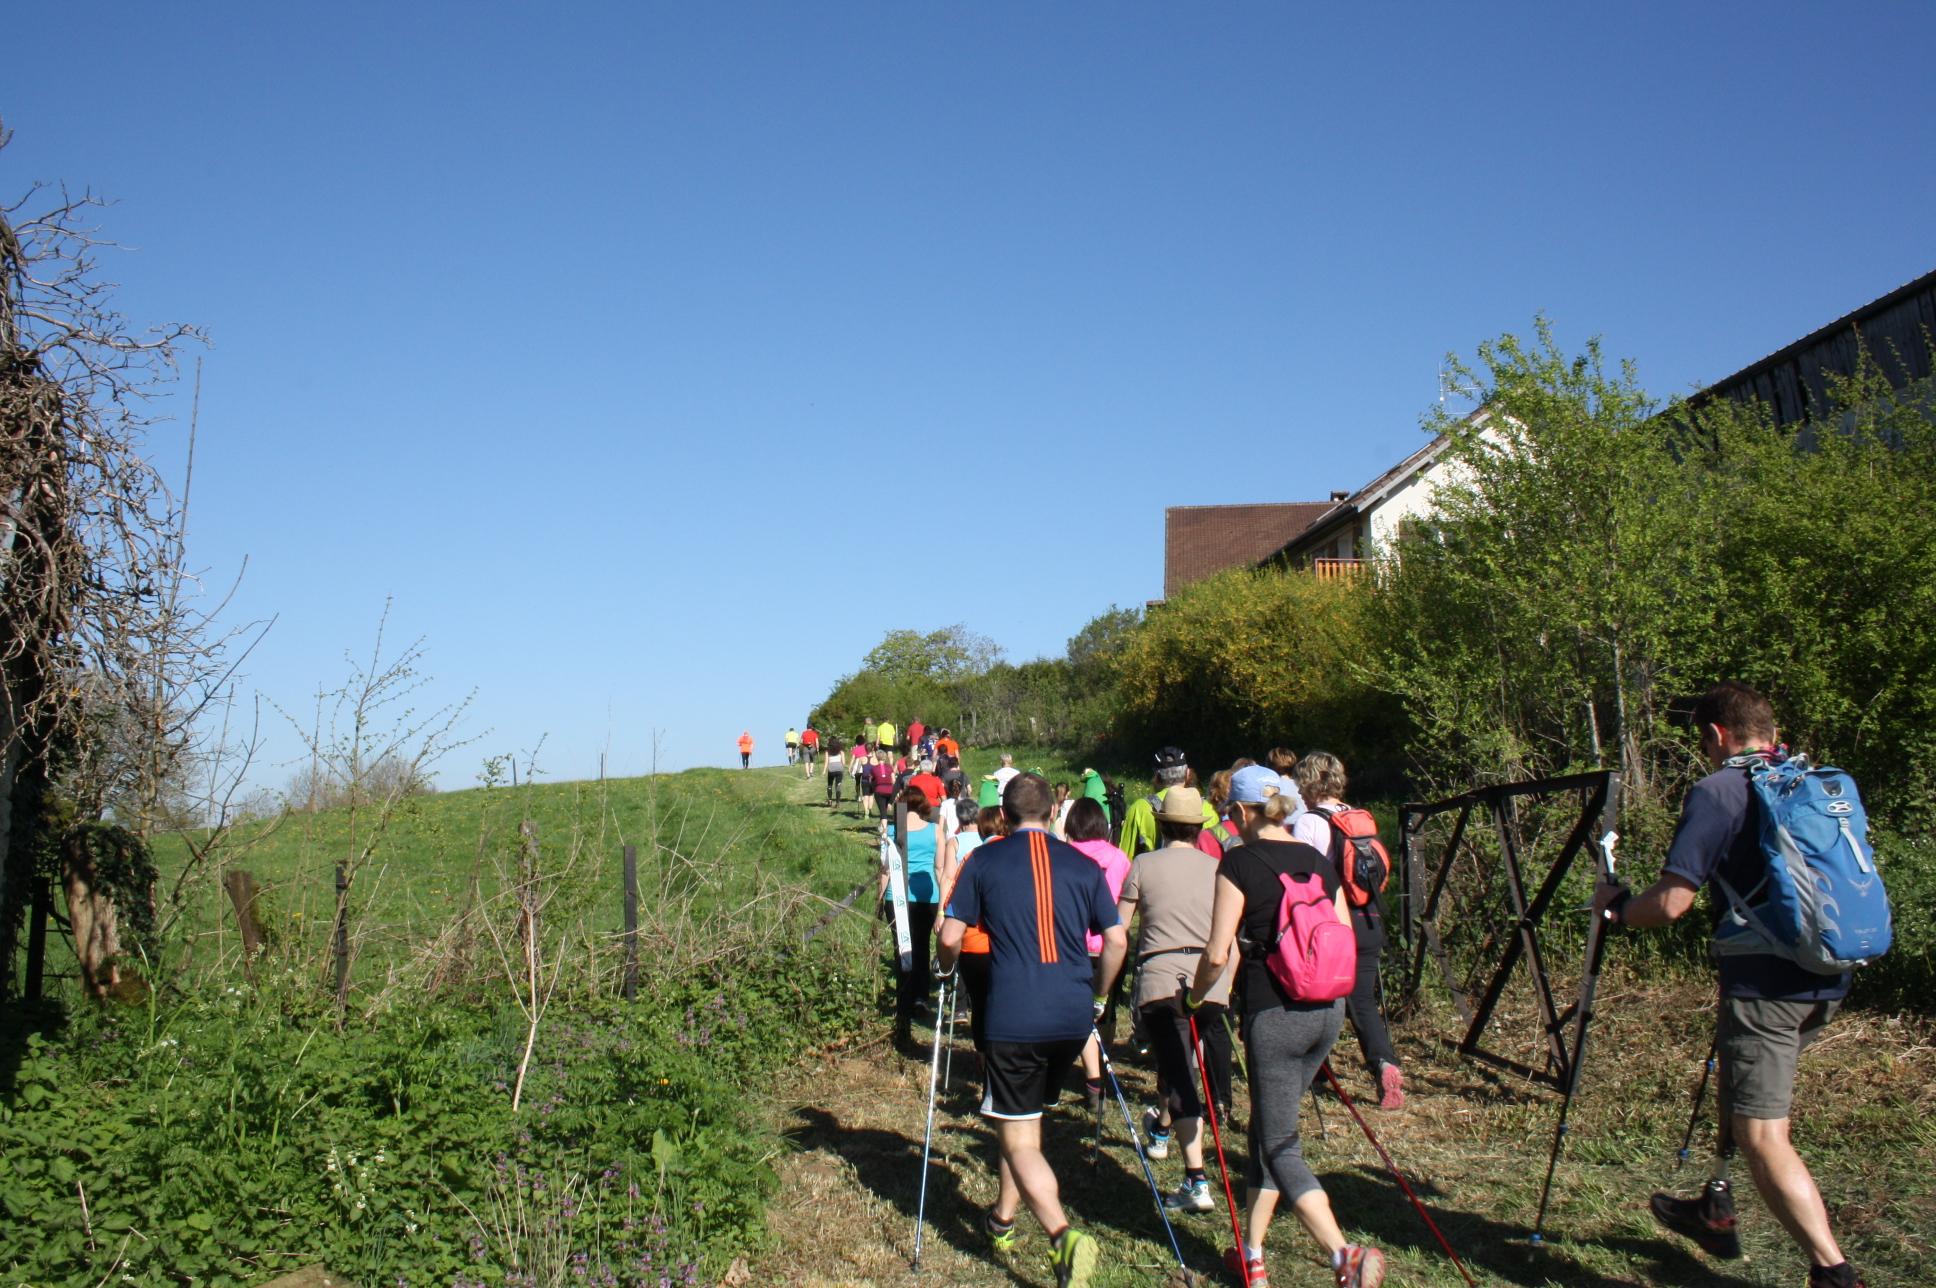 2017-04-09 - Trail-Montfaucon-Juliette (98)